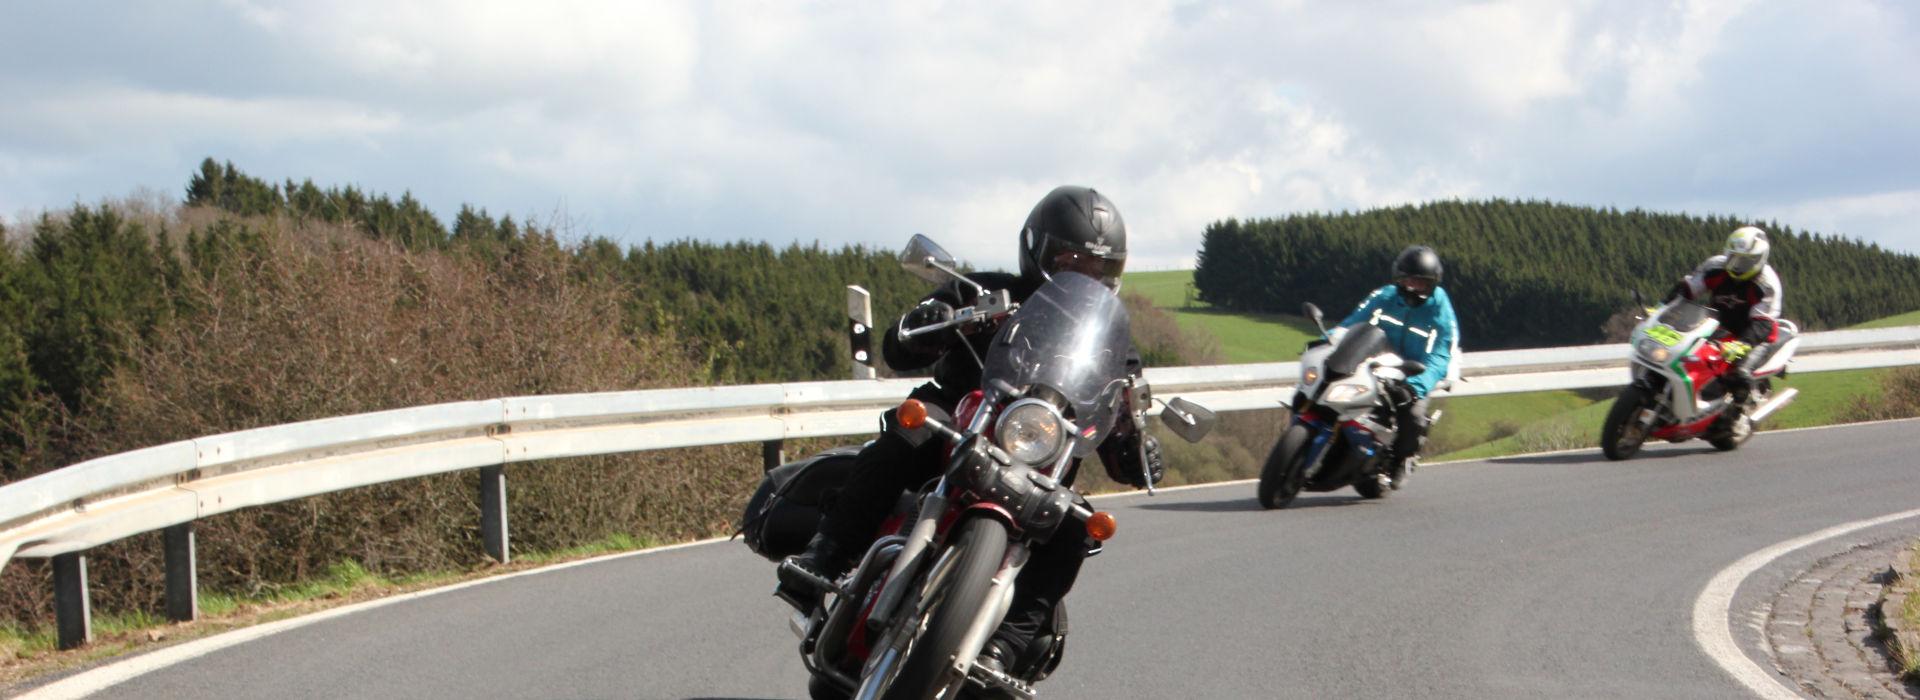 Motorrijbewijspoint Zoeterwoude spoed motorrijbewijs